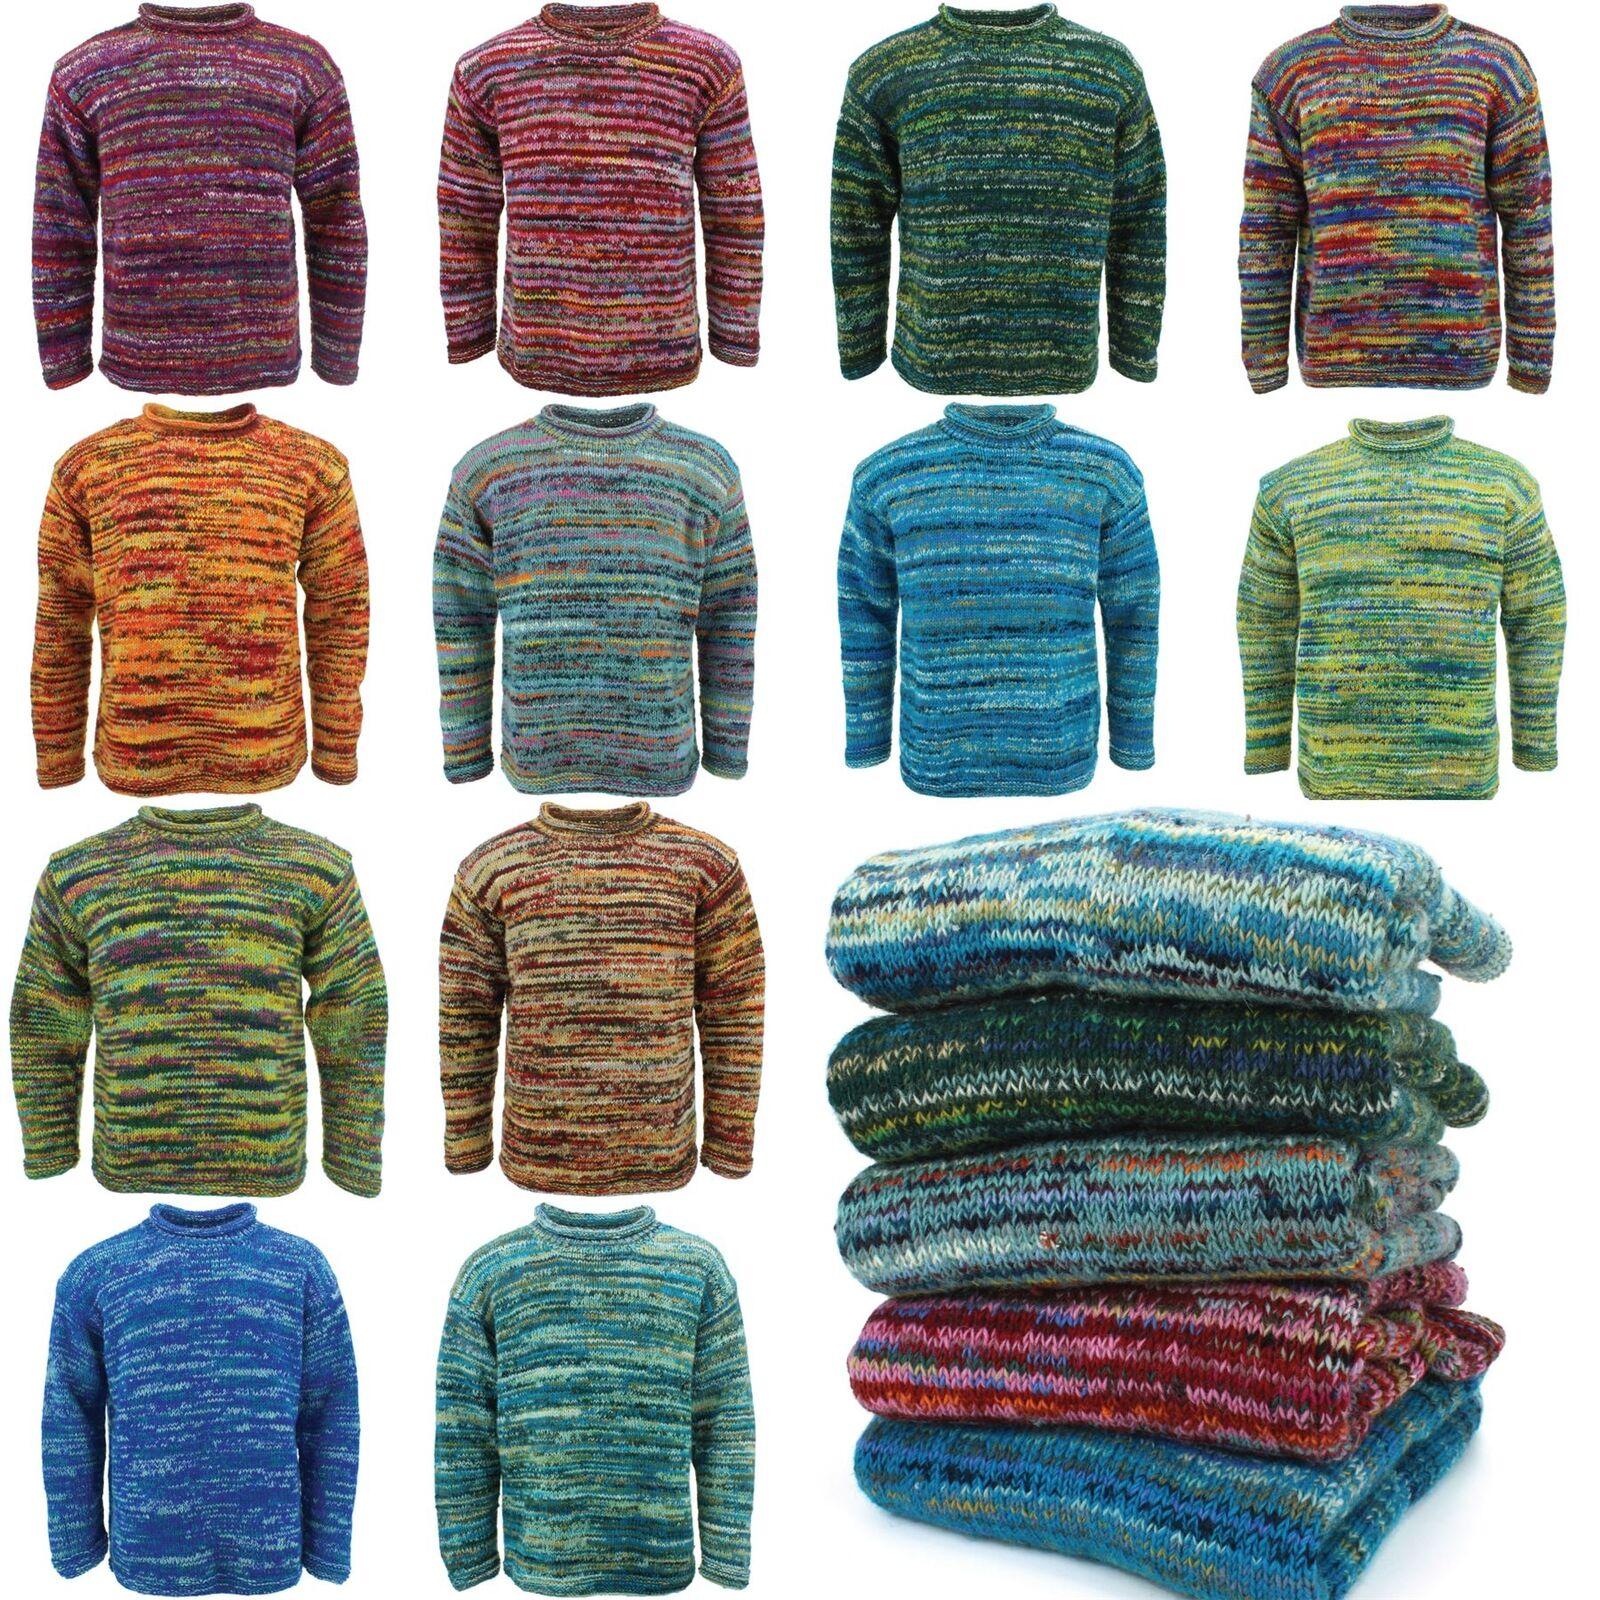 Maglione lana Space Dye con lavorazione a trama grossa a Maglia Maglione Pullover LOUDelephant Crew